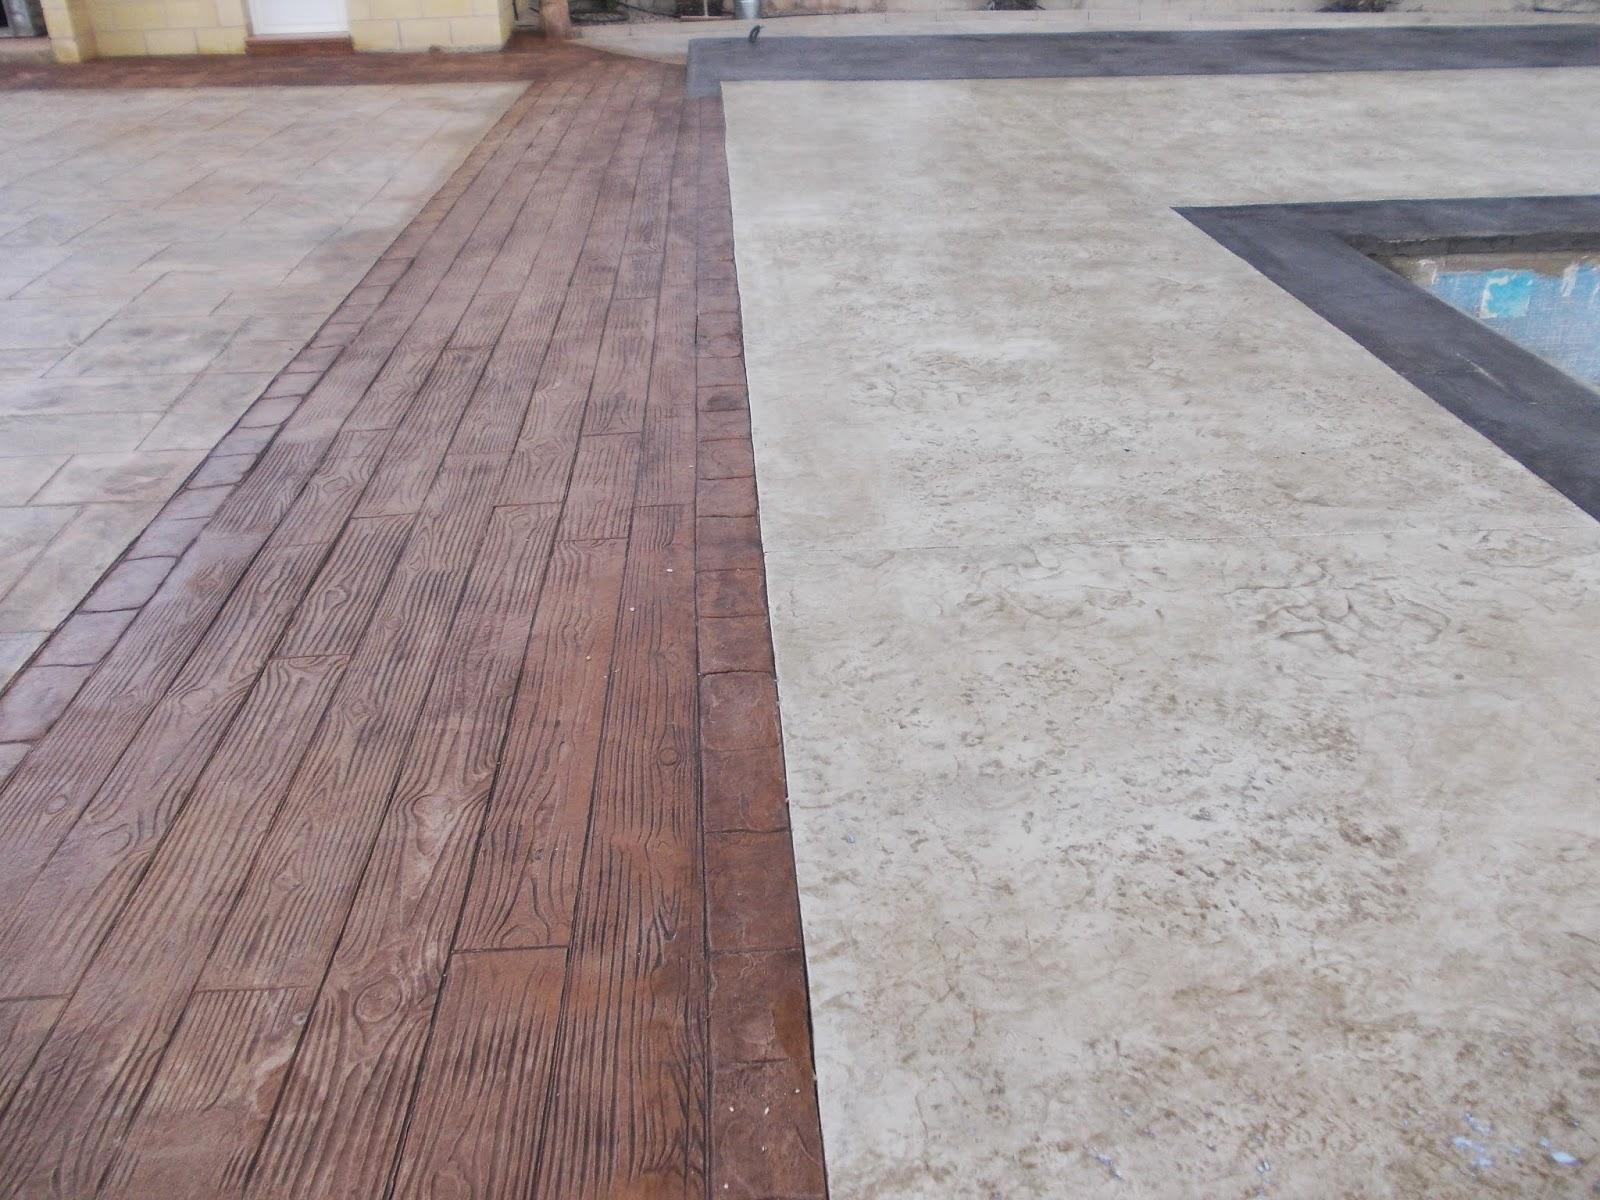 Piedra coronaci n de piscina con hormig n impreso for Hormigon para pavimentos